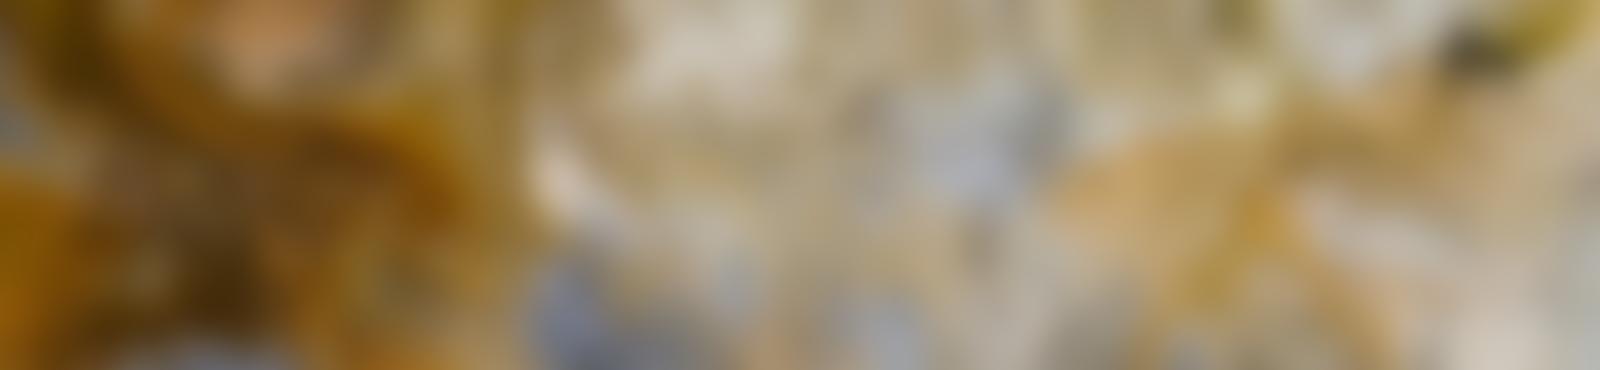 Blurred 13a1fdf6 2e2c 4260 9ce2 d38346a2f723